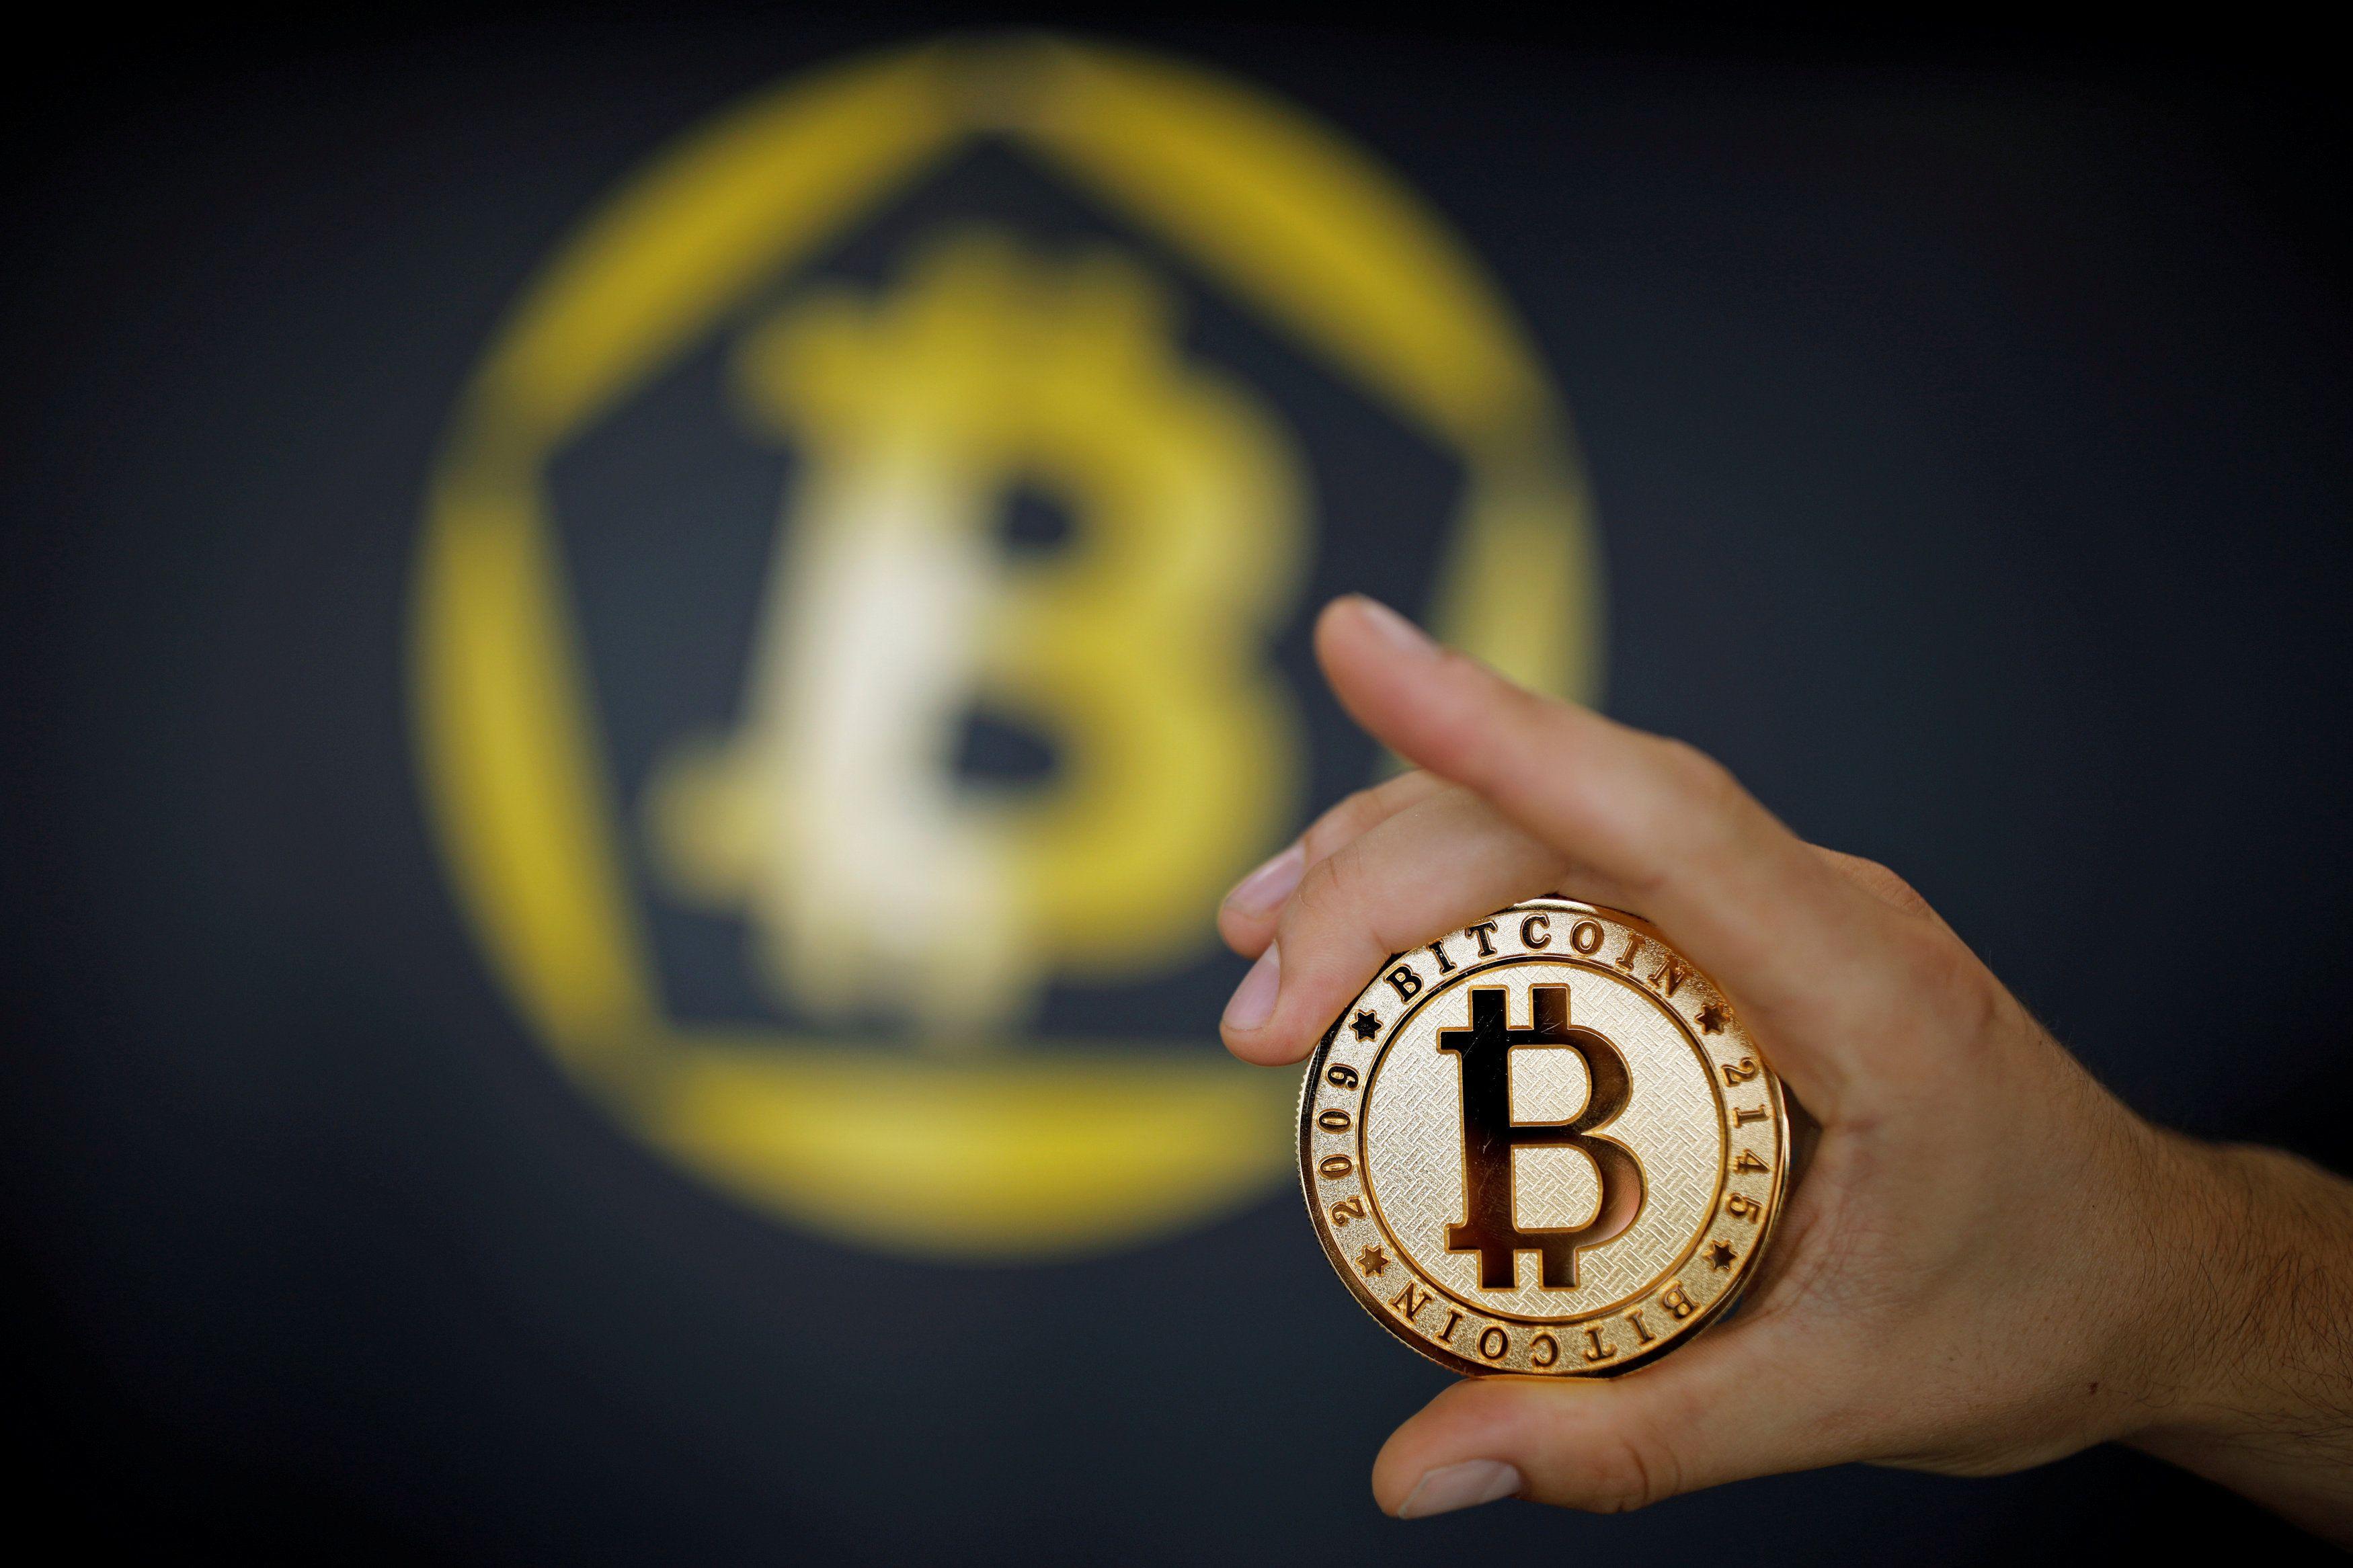 Мужчина подключился к беспроводной сети ресторана и потерял 100 тысяч евро криптовалюты